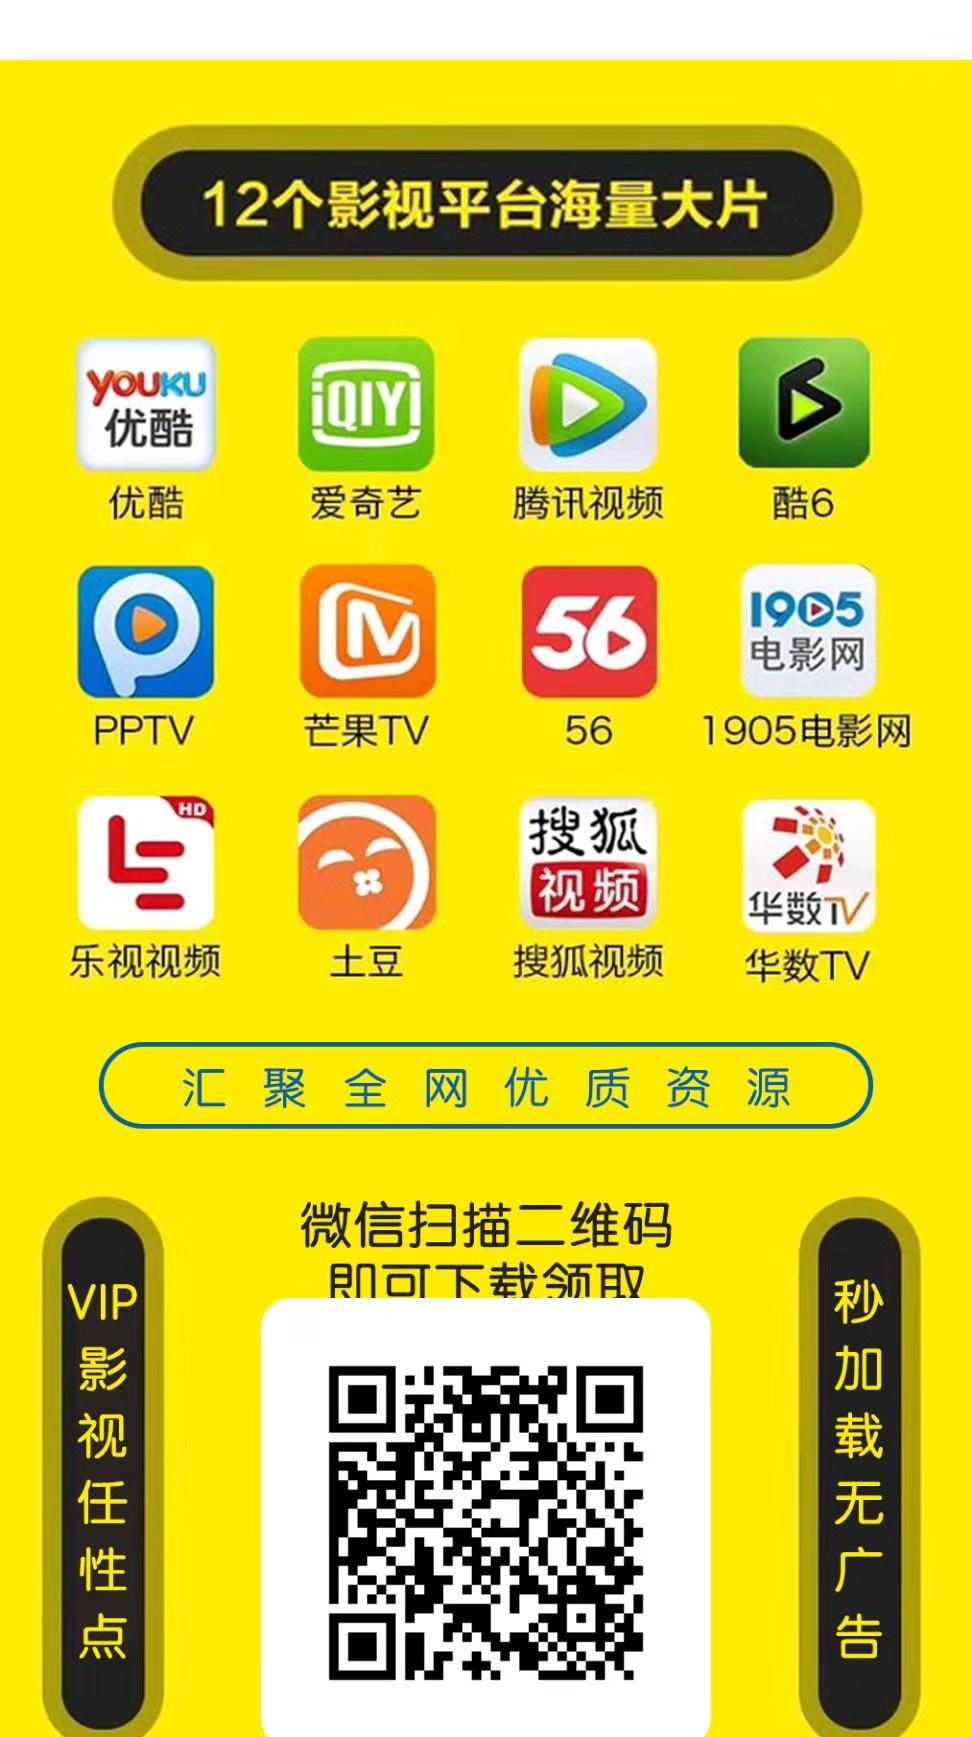 【YAYA影视】12大平台影视VIP代理后无限出激活码三级分佣最高50%